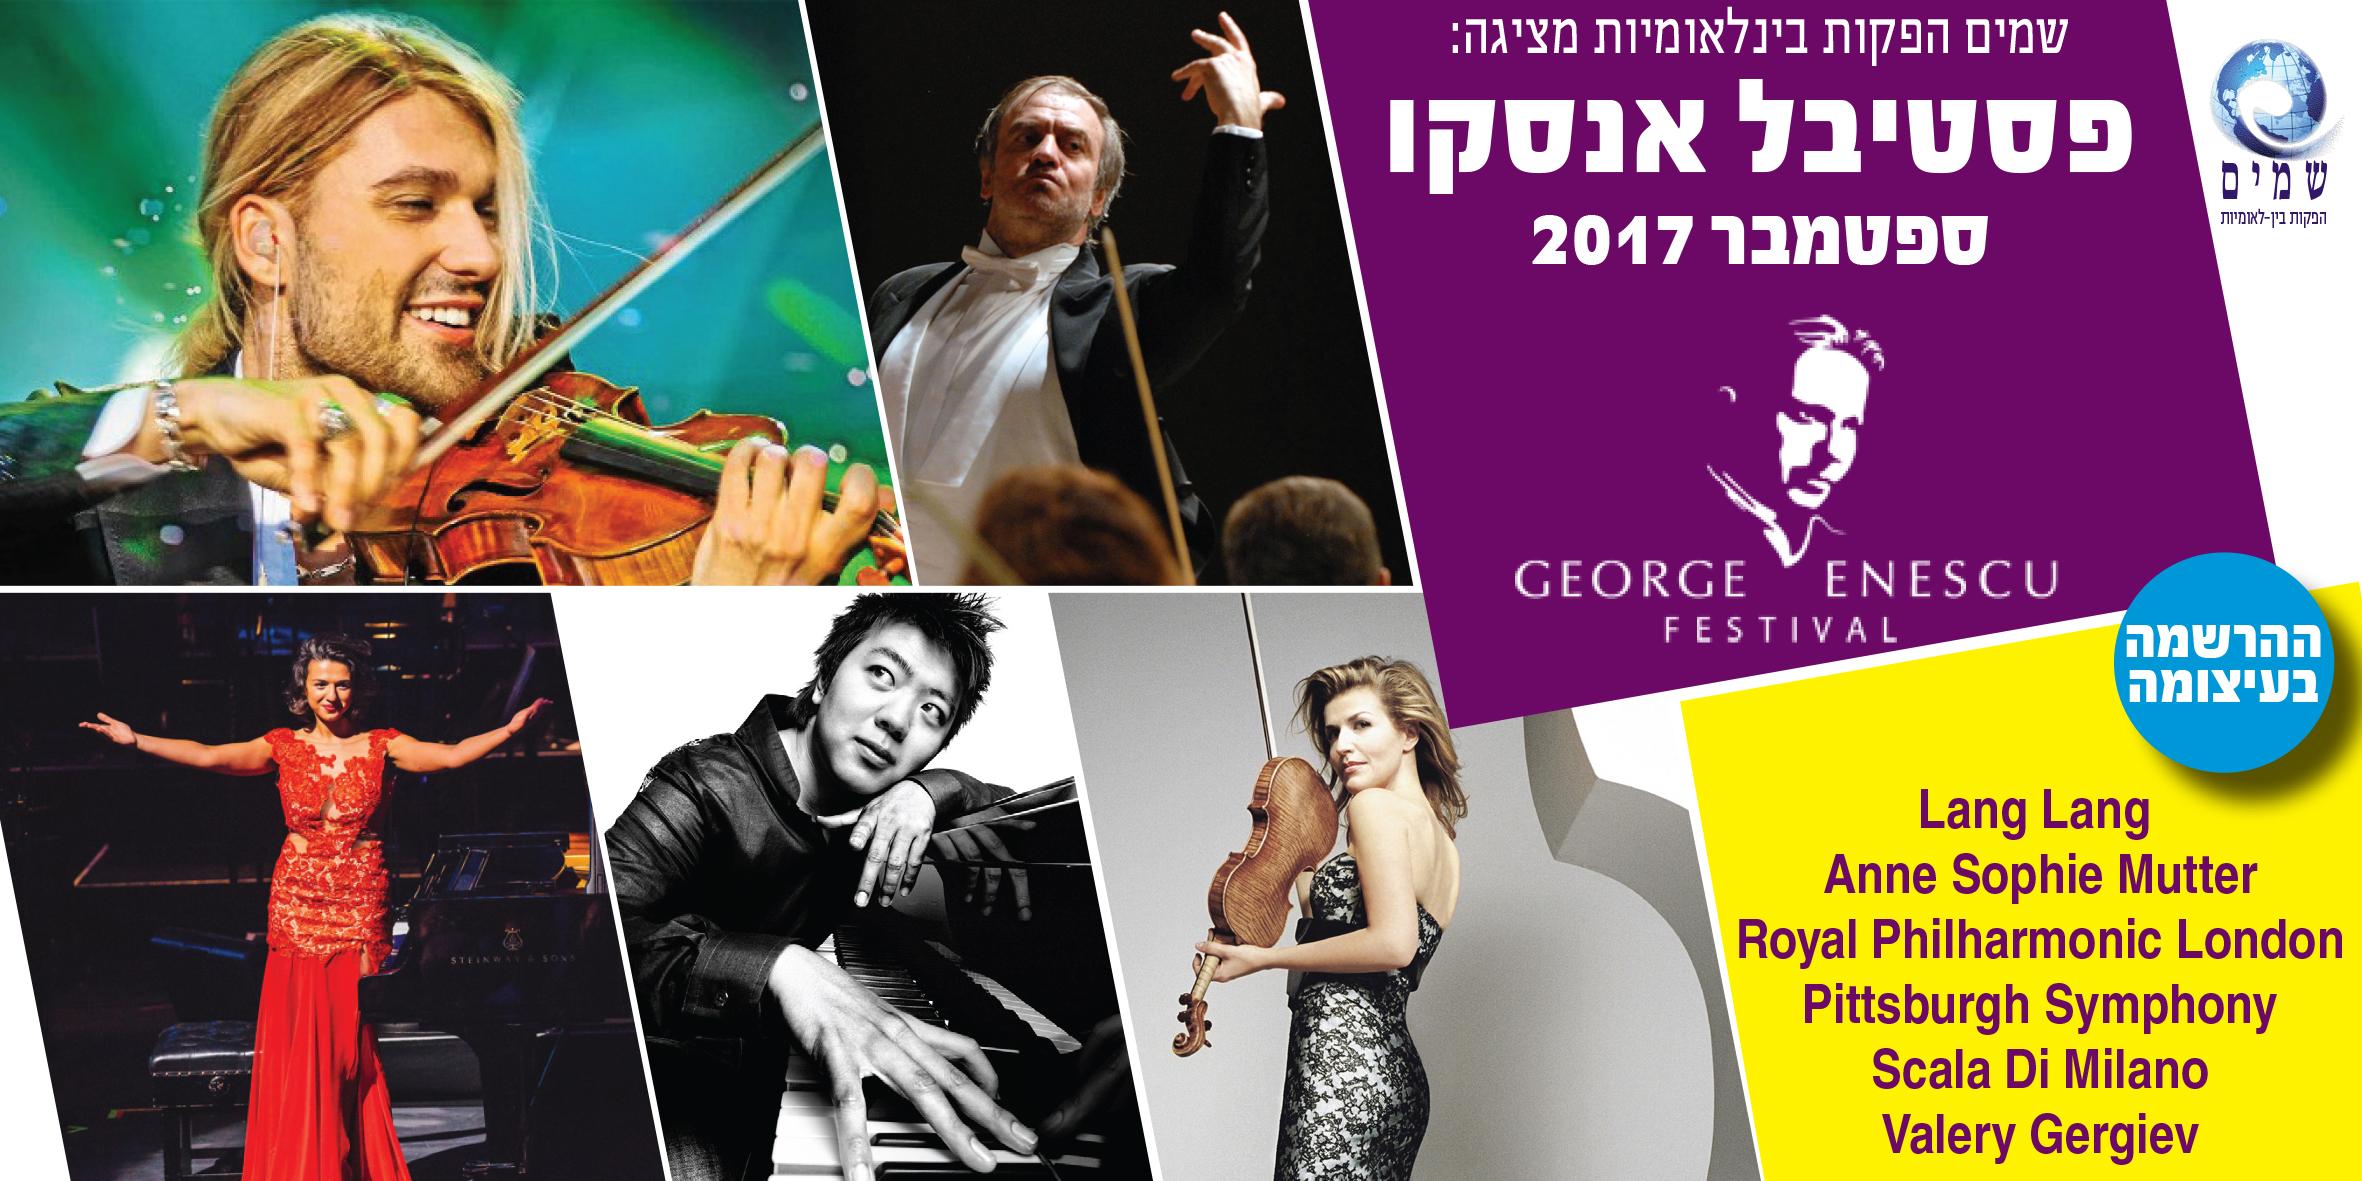 פסטיבל ג'ורג' אנסקו למוסיקה קלאסית 2017